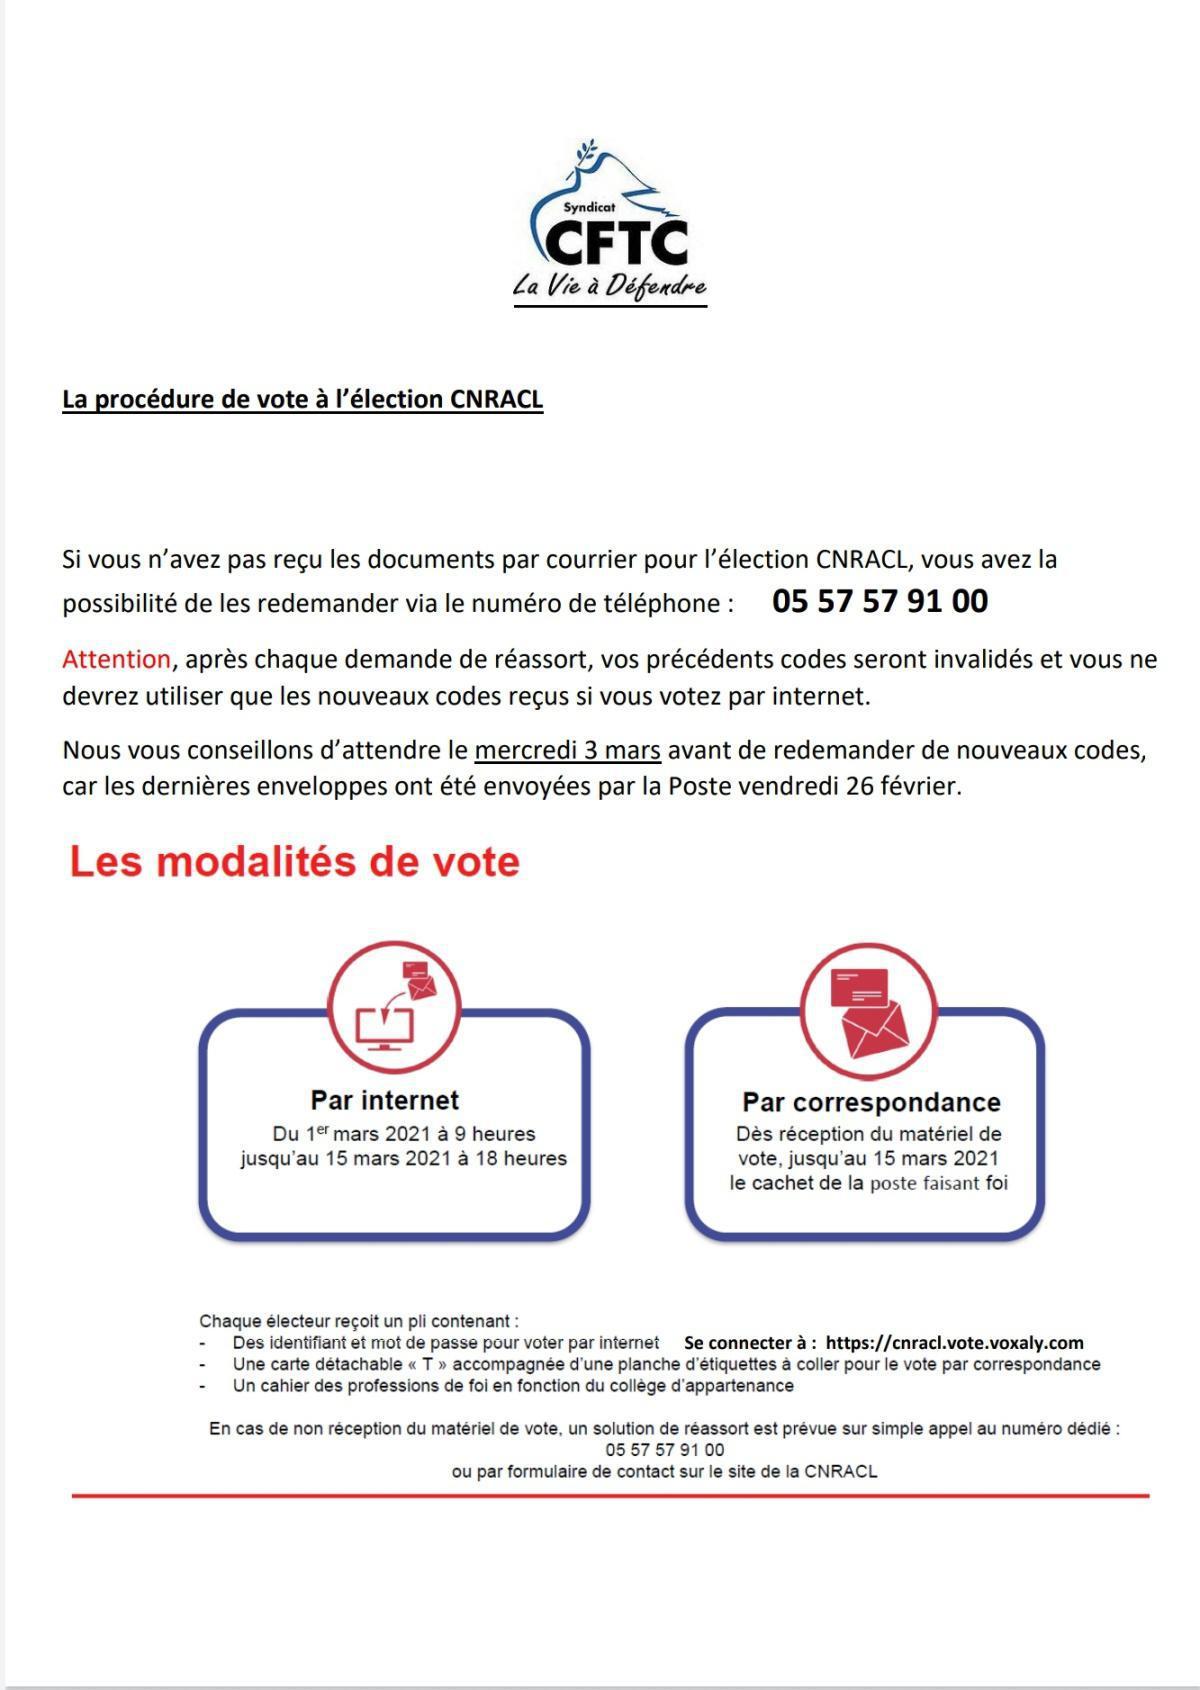 La procédure de vote à l'élection CNRACL